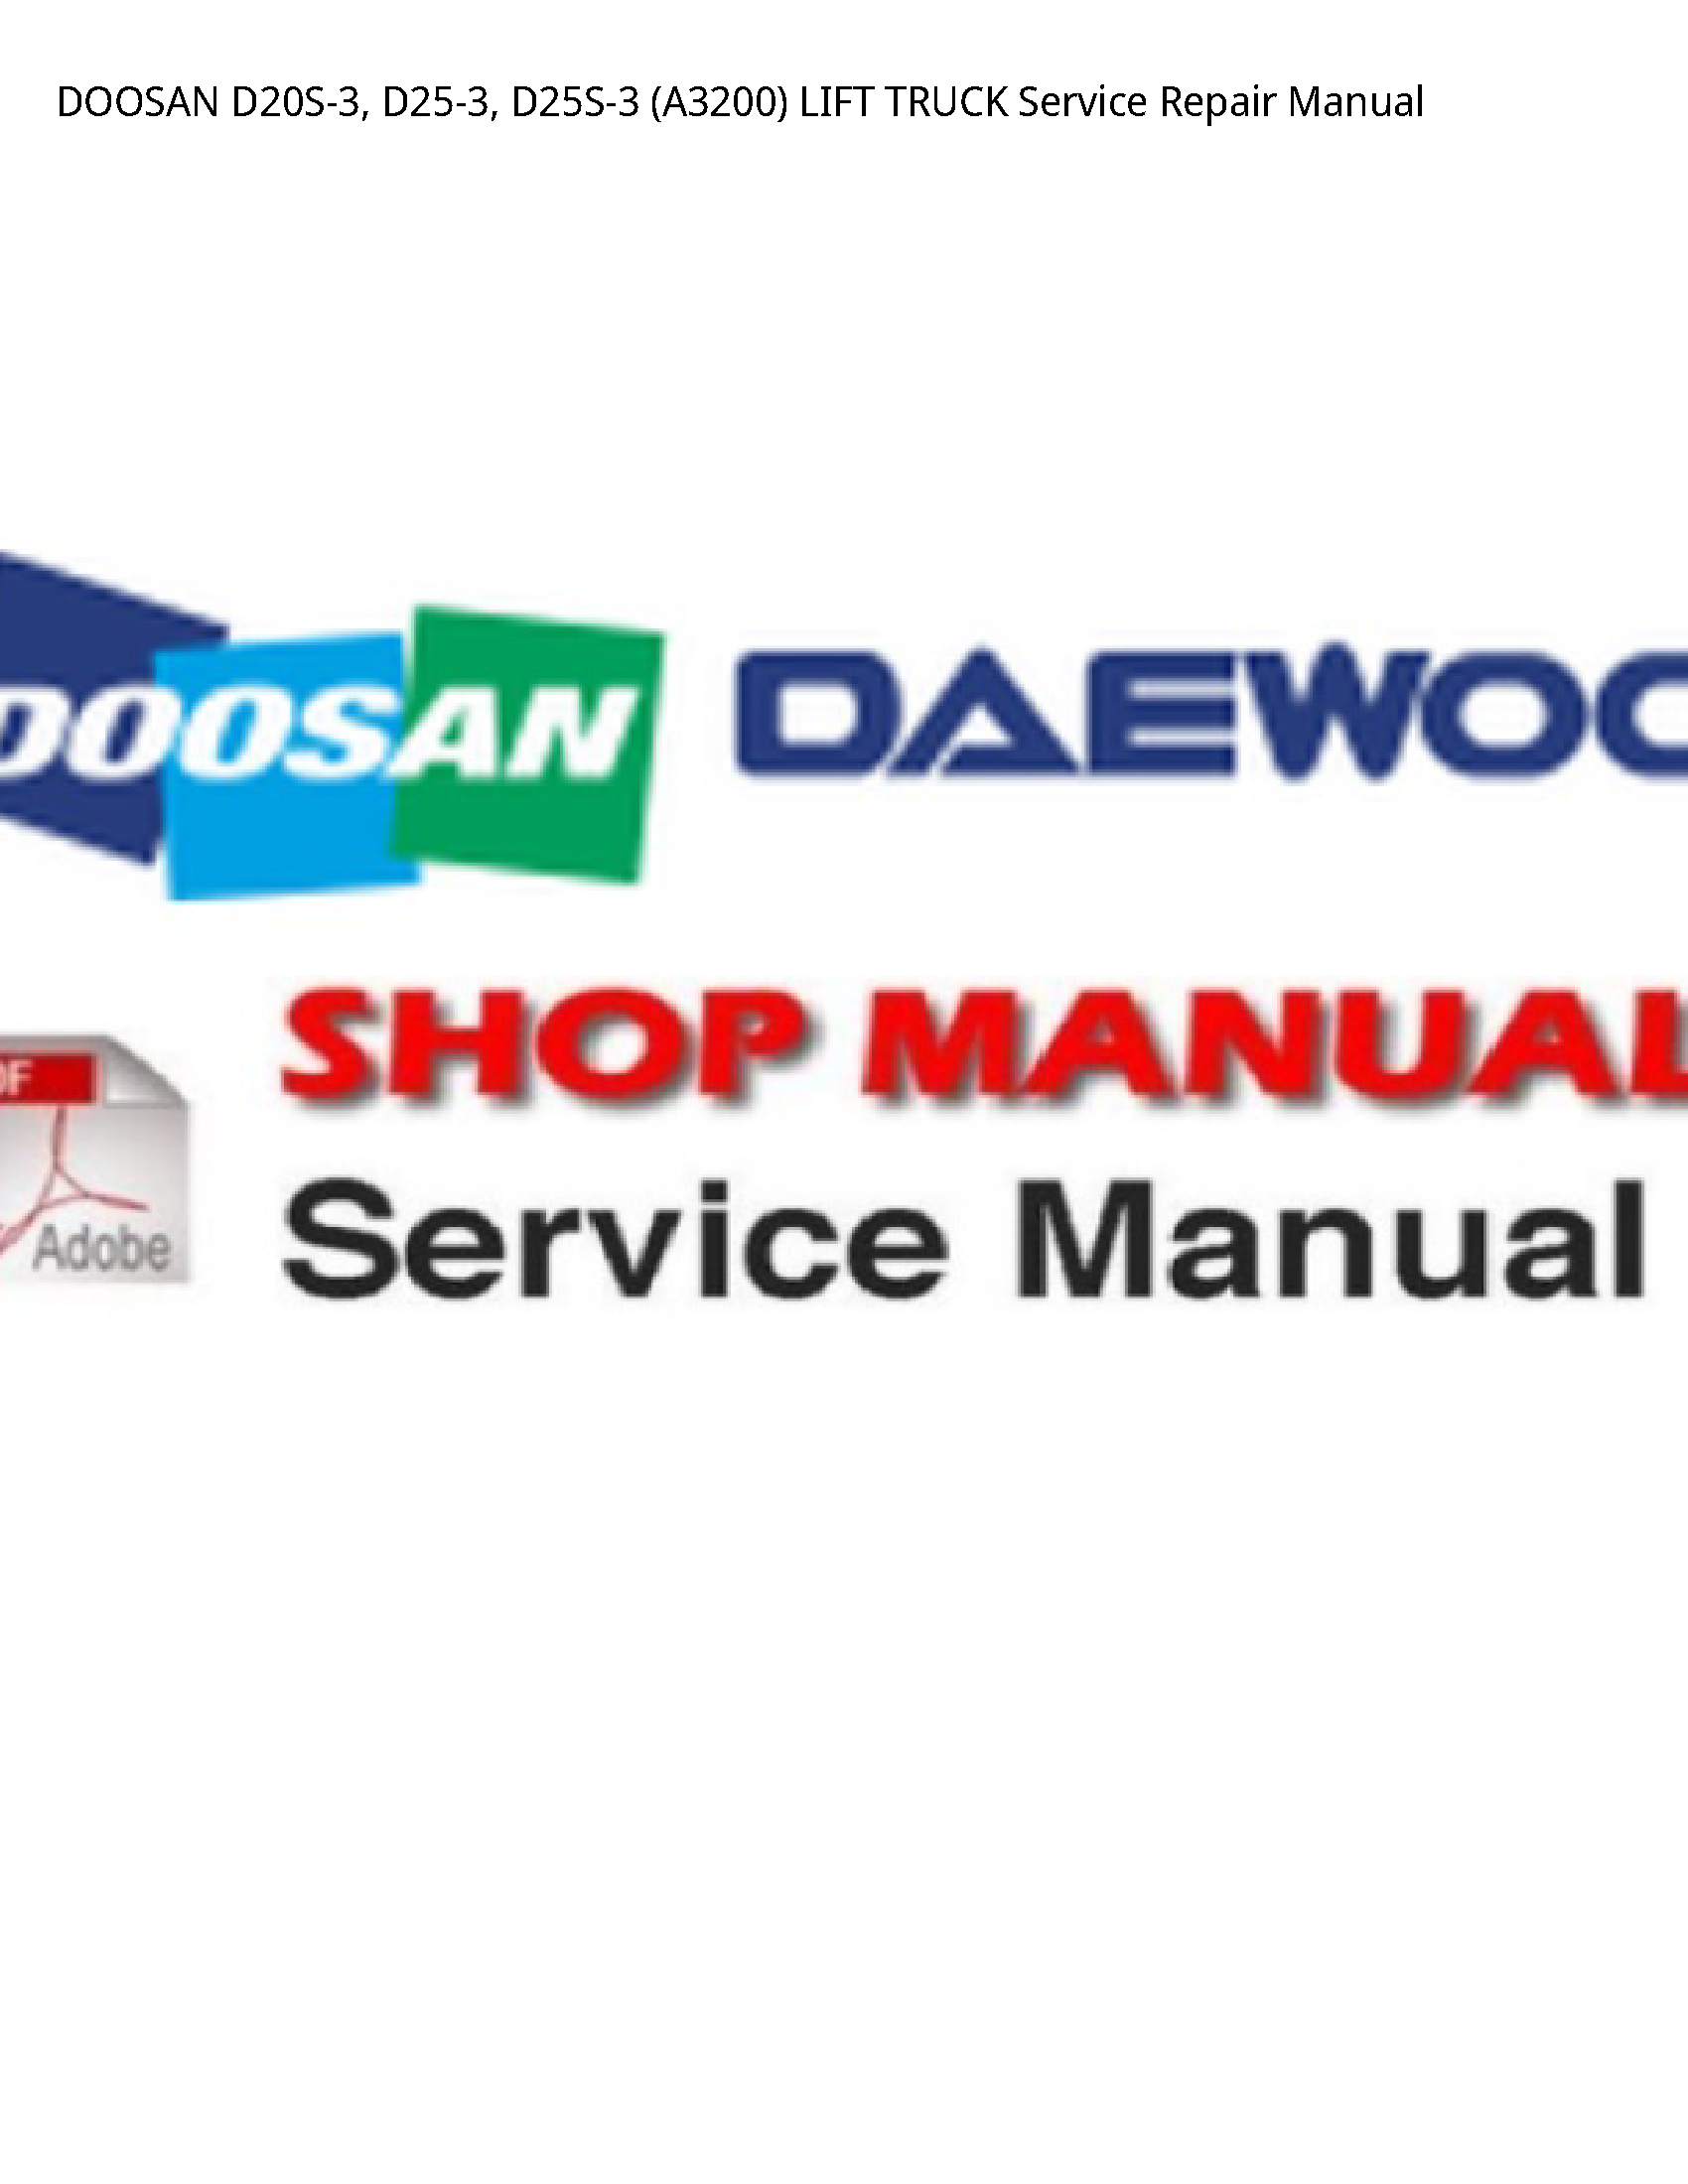 Doosan D20S-3 LIFT TRUCK manual